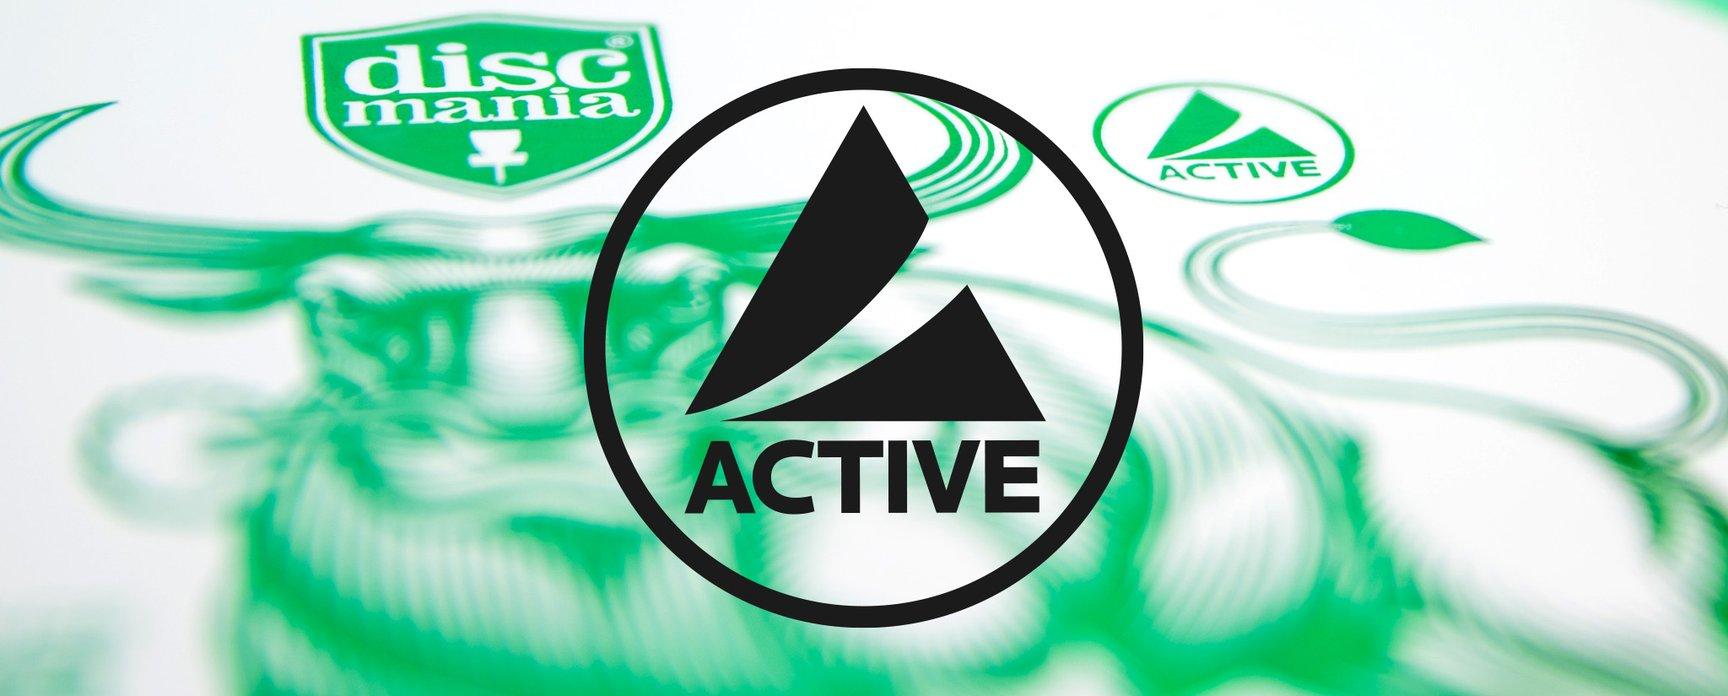 Active_header_1728x.jpg